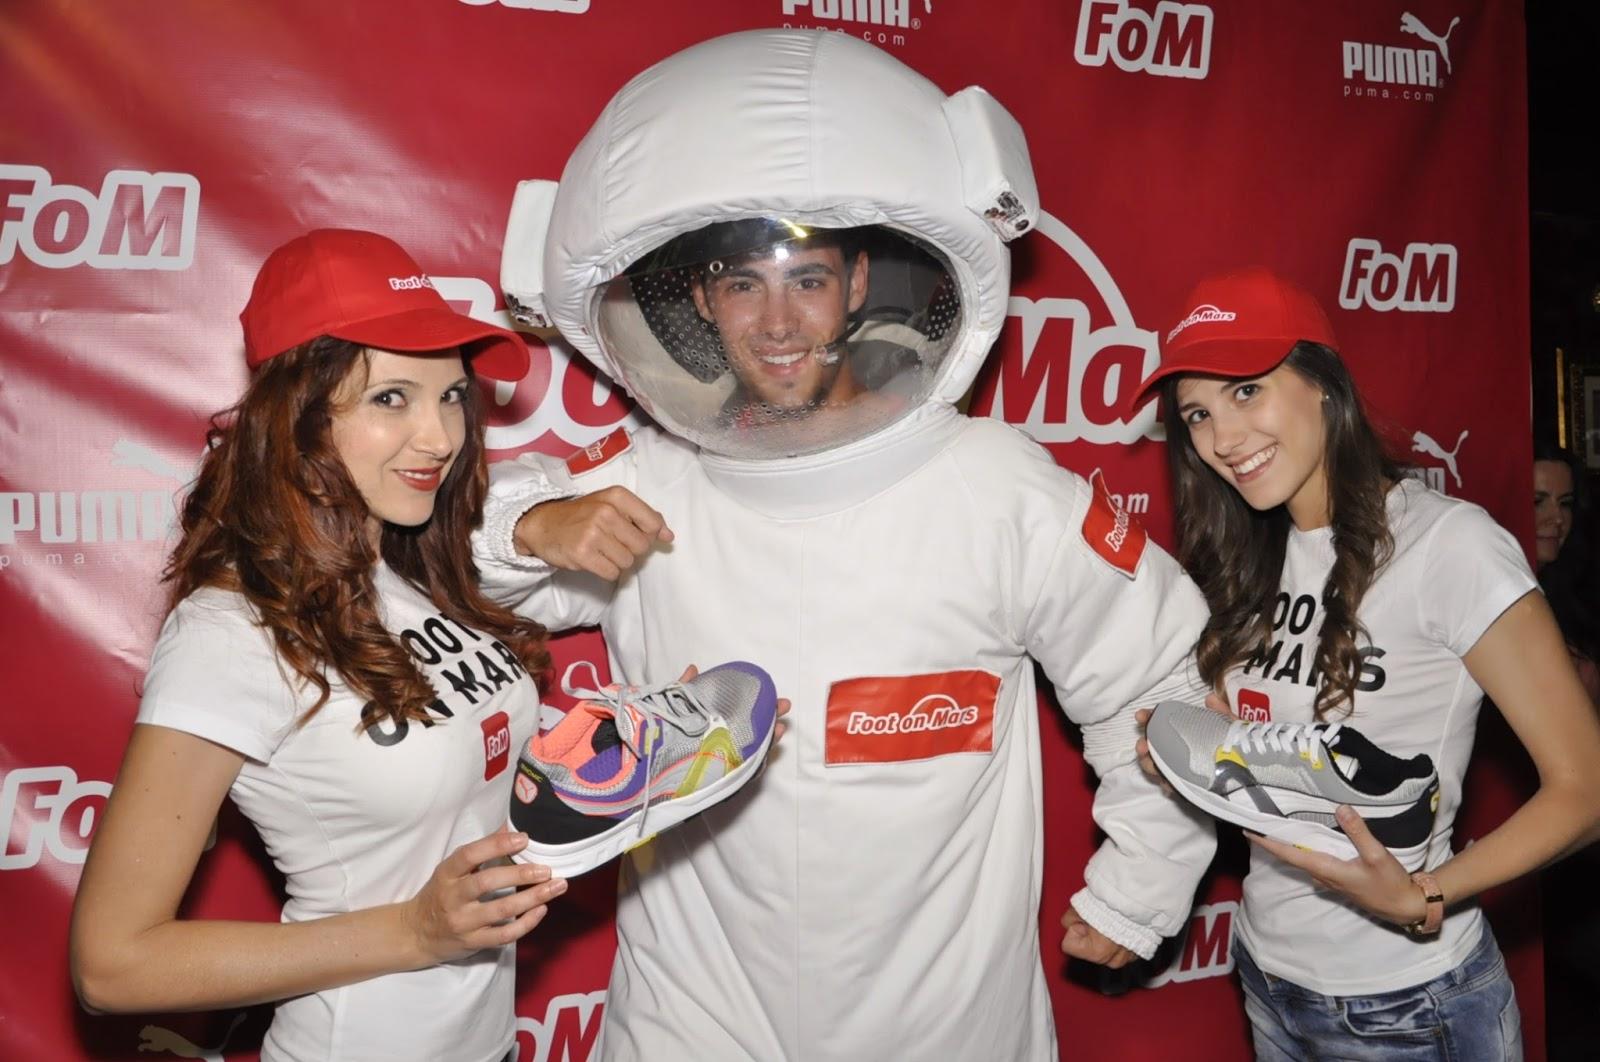 Fotos en el photocall de la fiesta de Foot on Mars en Canterbury Tavern Zaragoza. Makoondo Eventos.